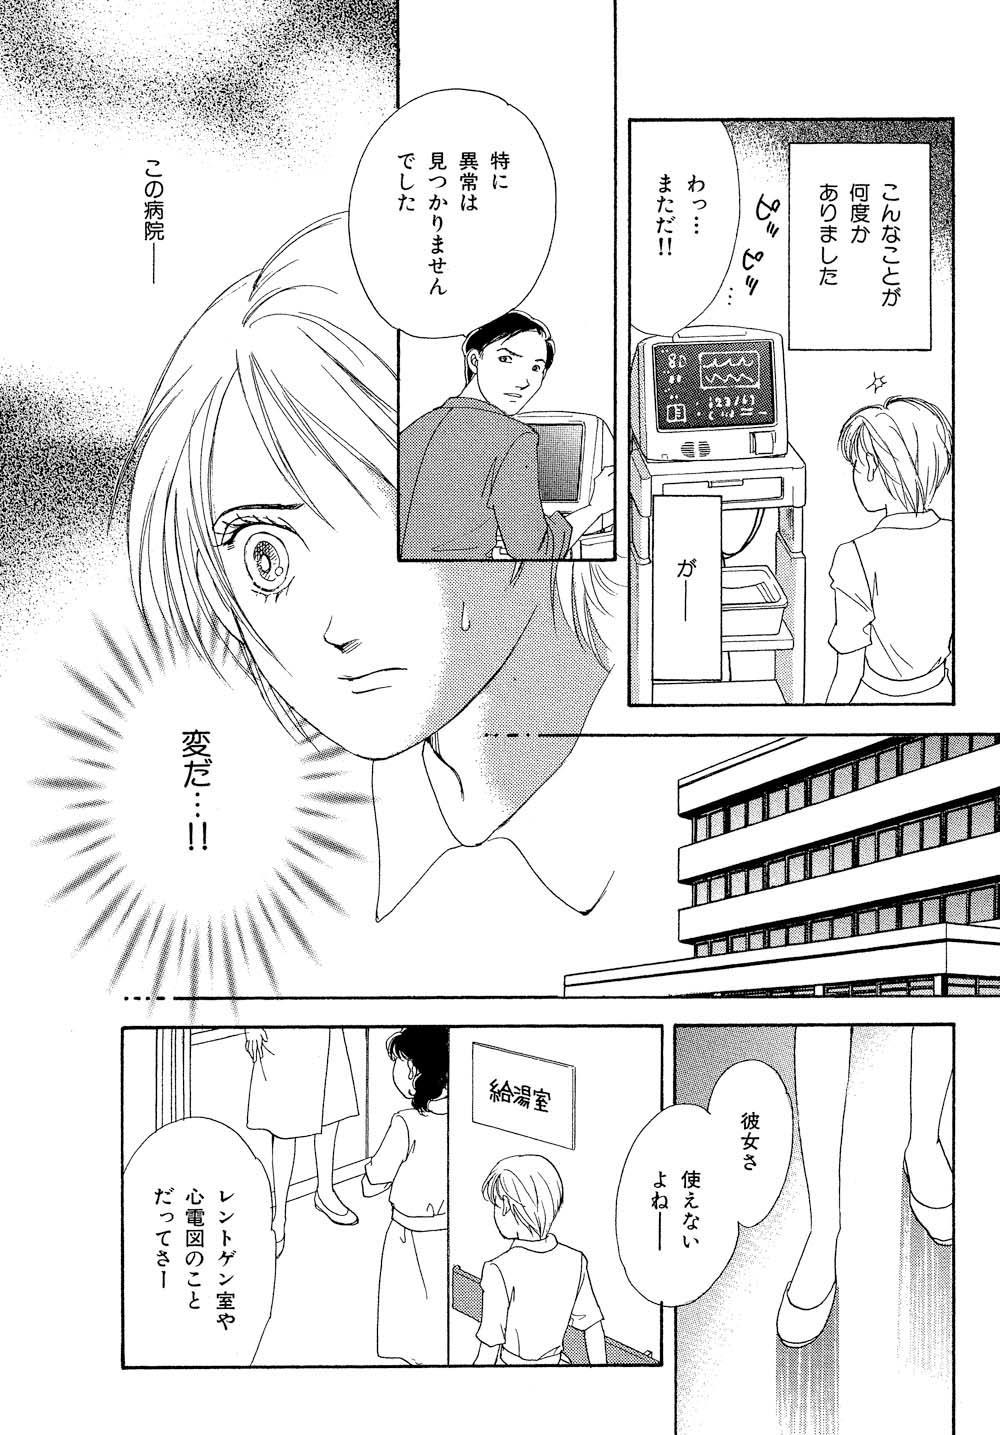 hakui_0001_0160.jpg